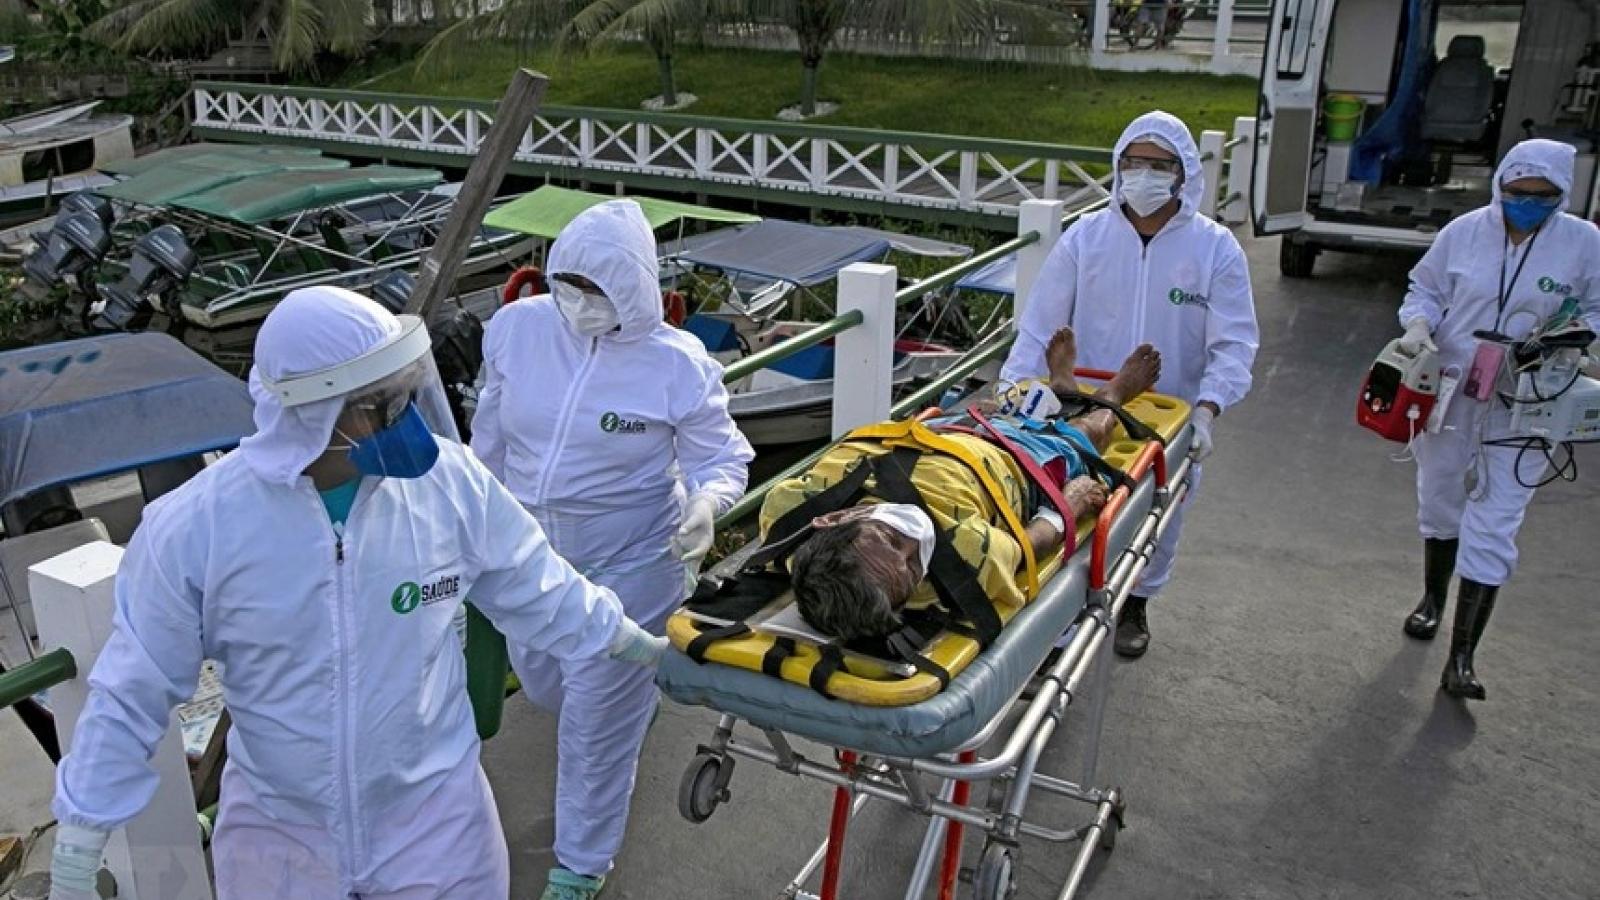 Cập nhật Covid-19: Hơn 24,6 triệu ca mắc, 834.707 ca tử vong trên thế giới